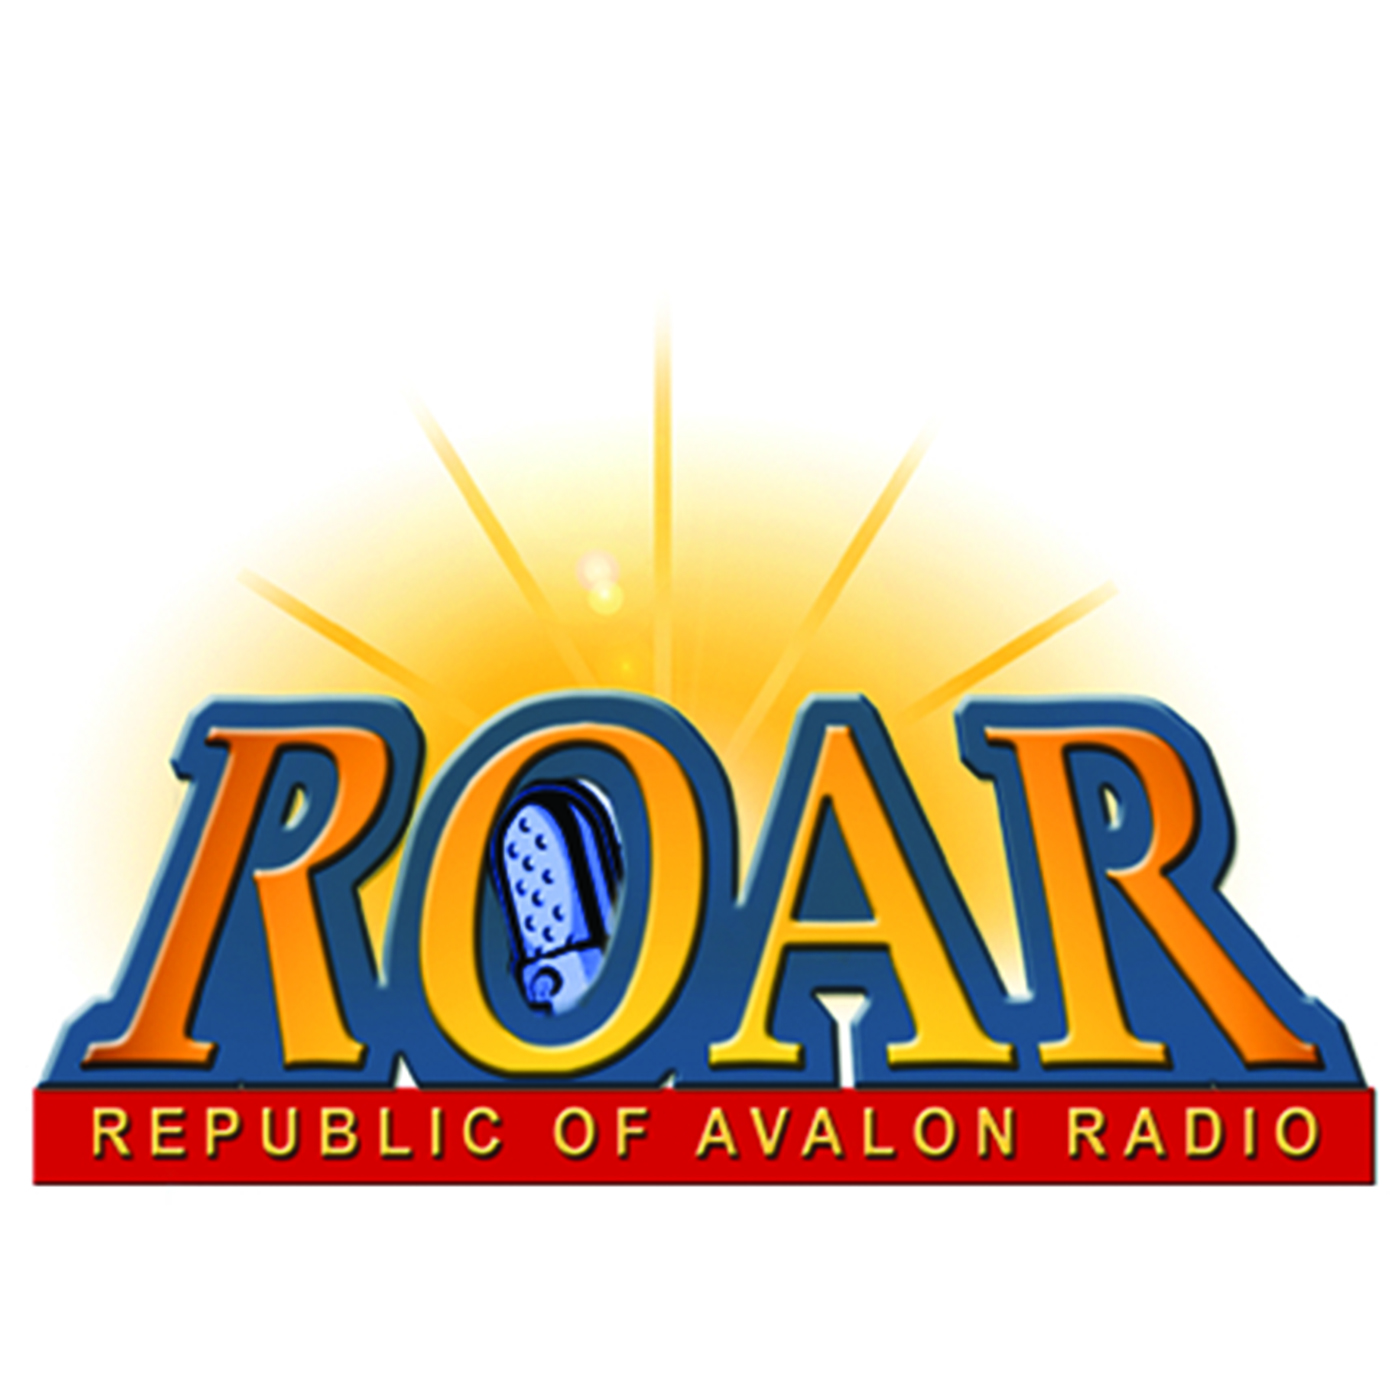 Republic Of Avalon Radio